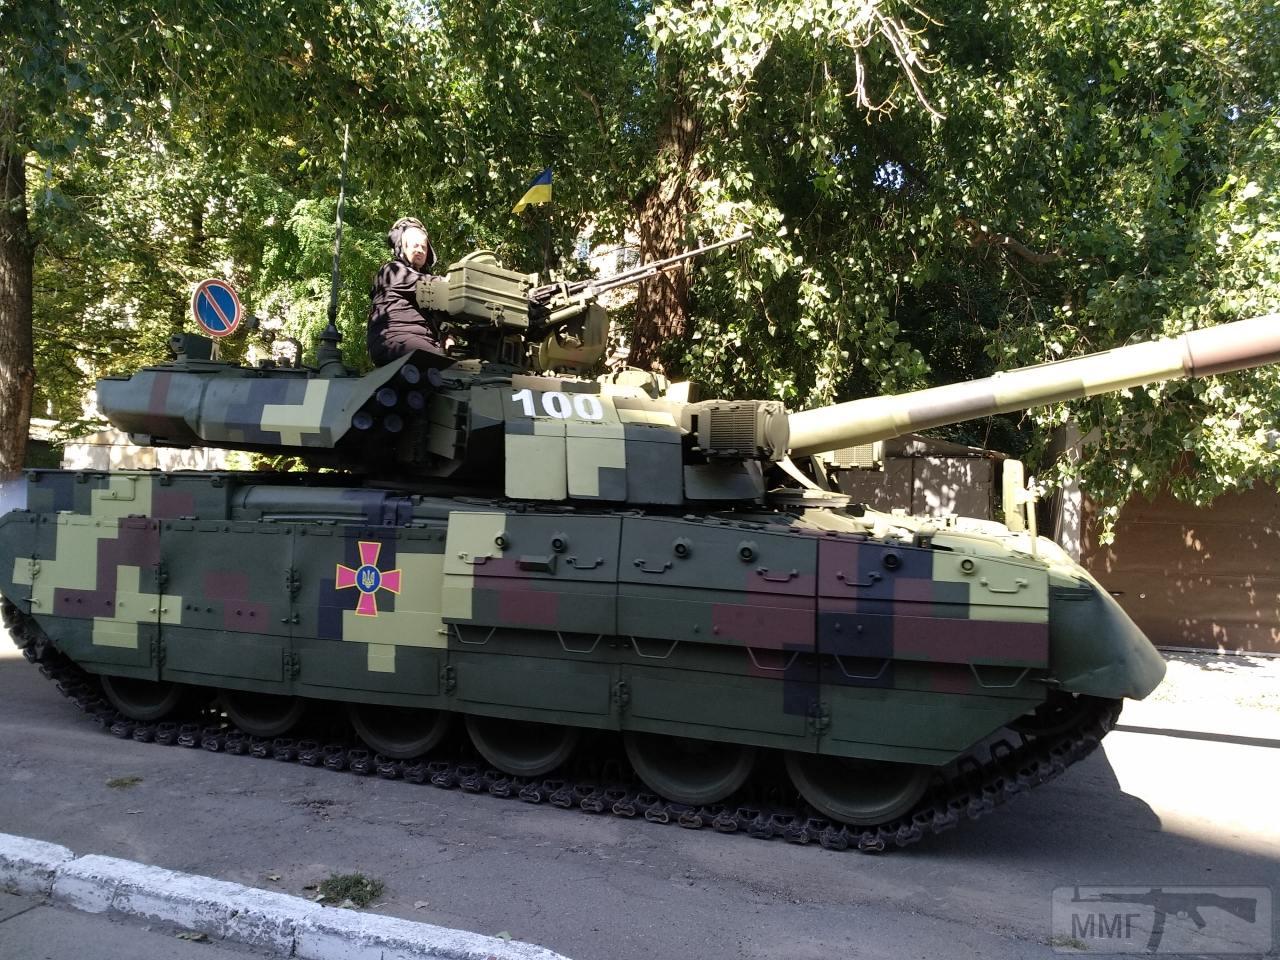 33727 - Реалії ЗС України: позитивні та негативні нюанси.